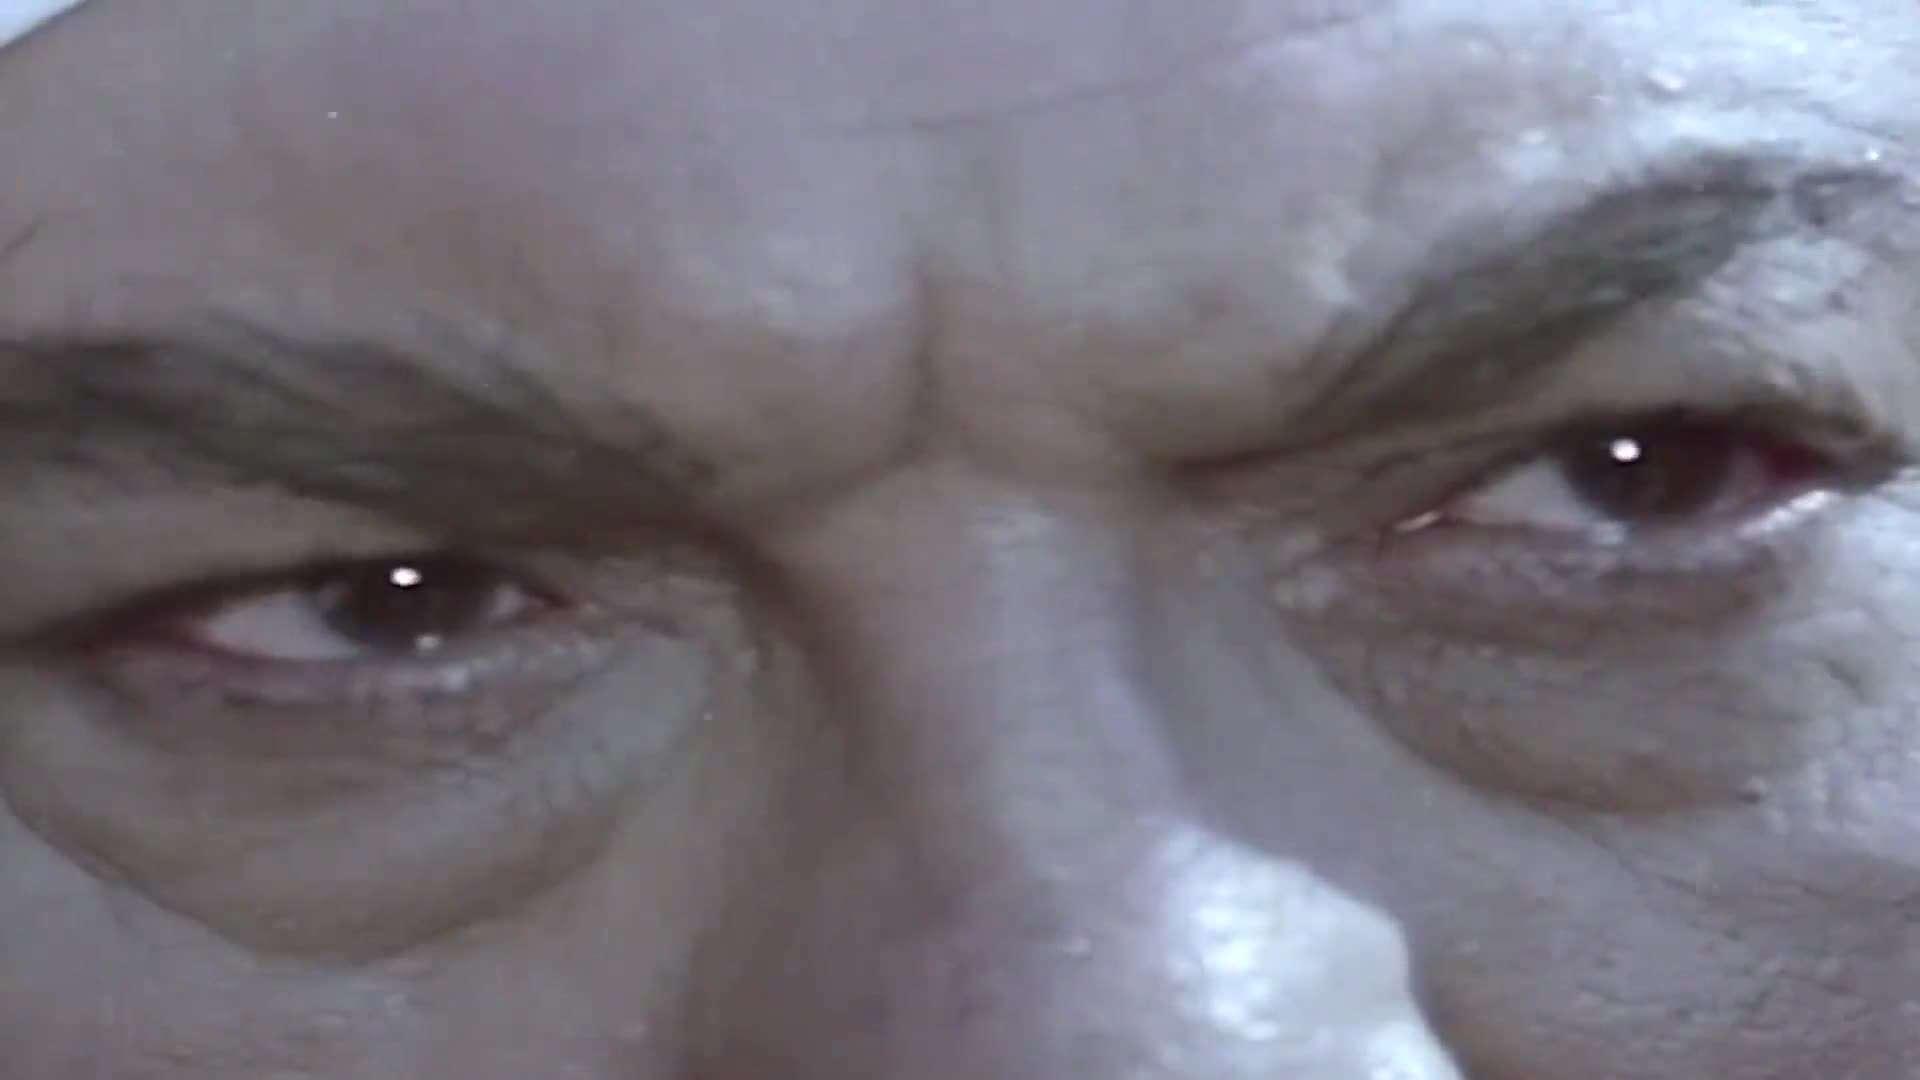 [فيلم][تورنت][تحميل][الشيطان يعظ][1981][1080p][Web-DL] 3 arabp2p.com